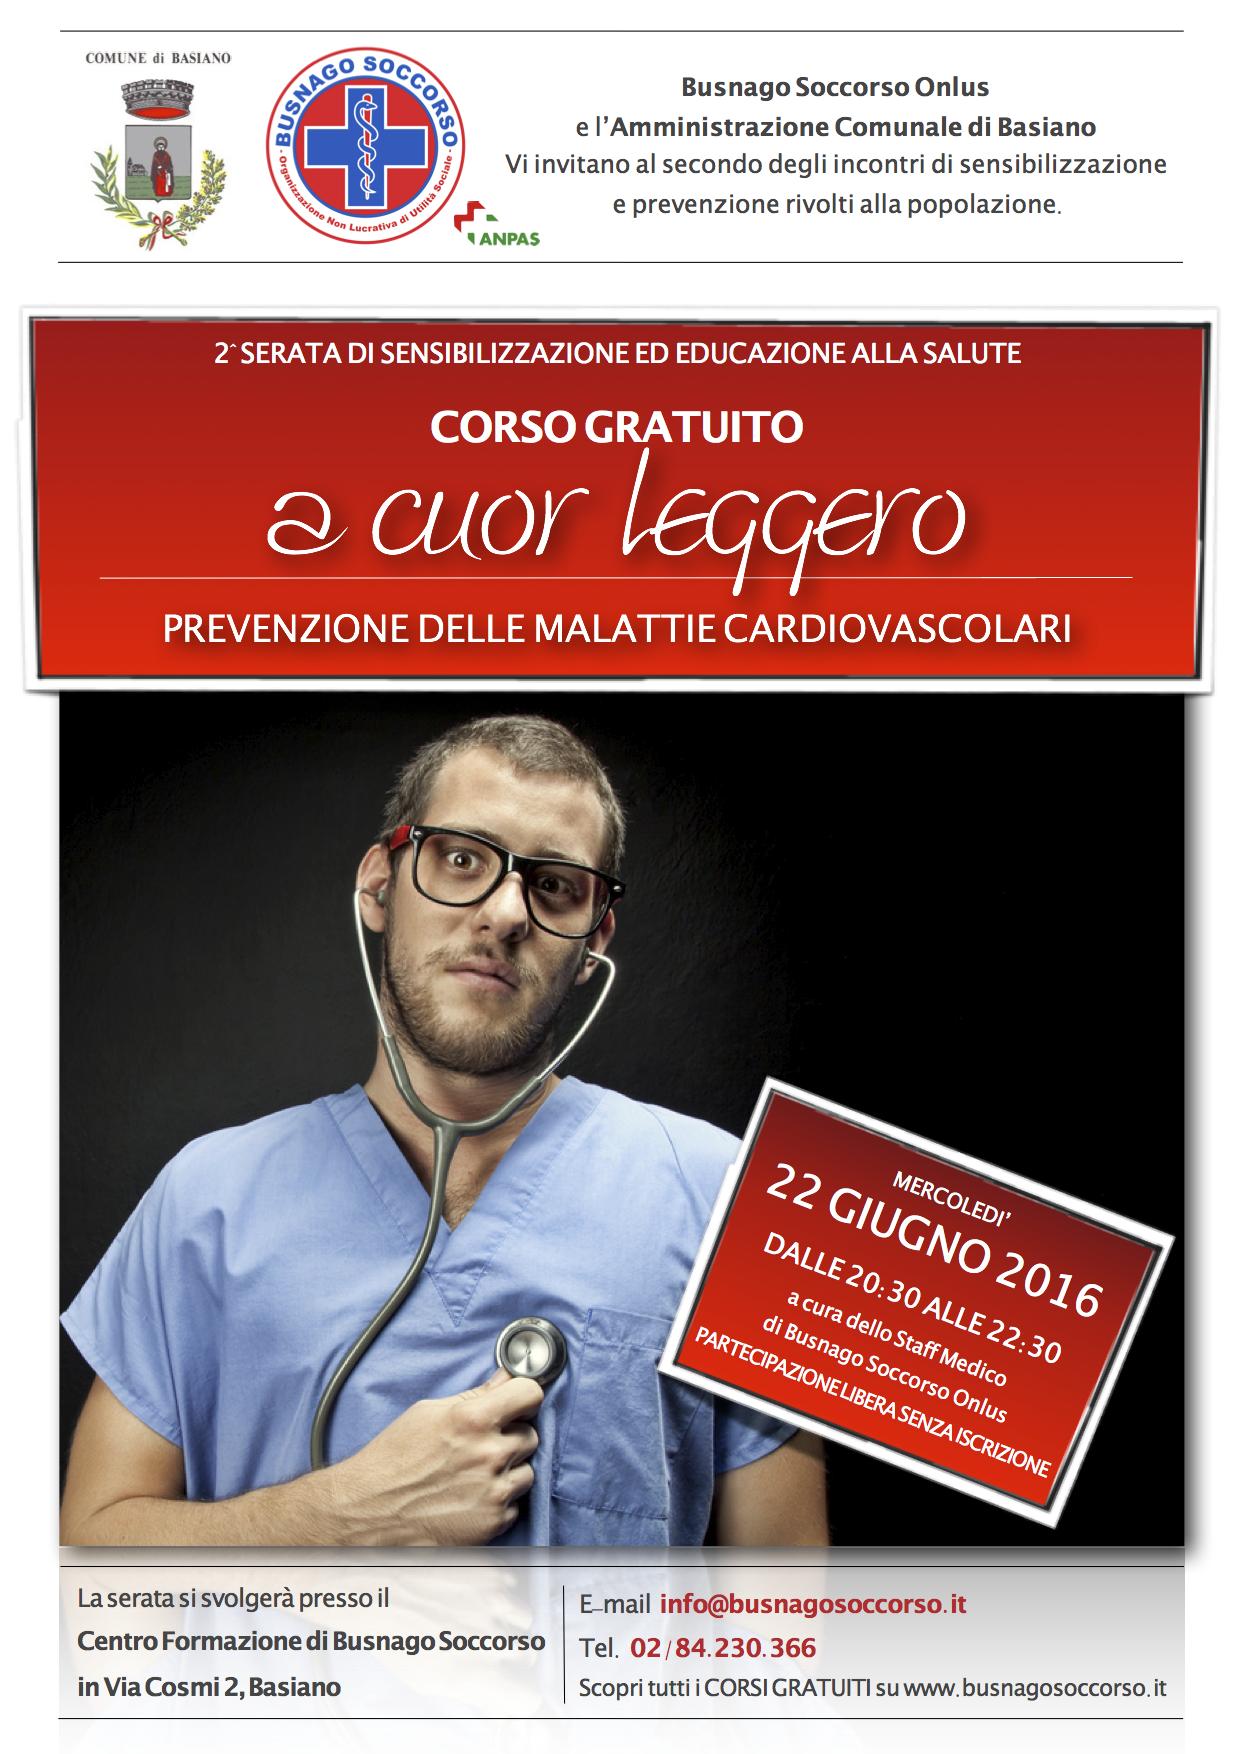 prevenzione_delle_malattie_cardiovascolari_2016_busnagosoccorso